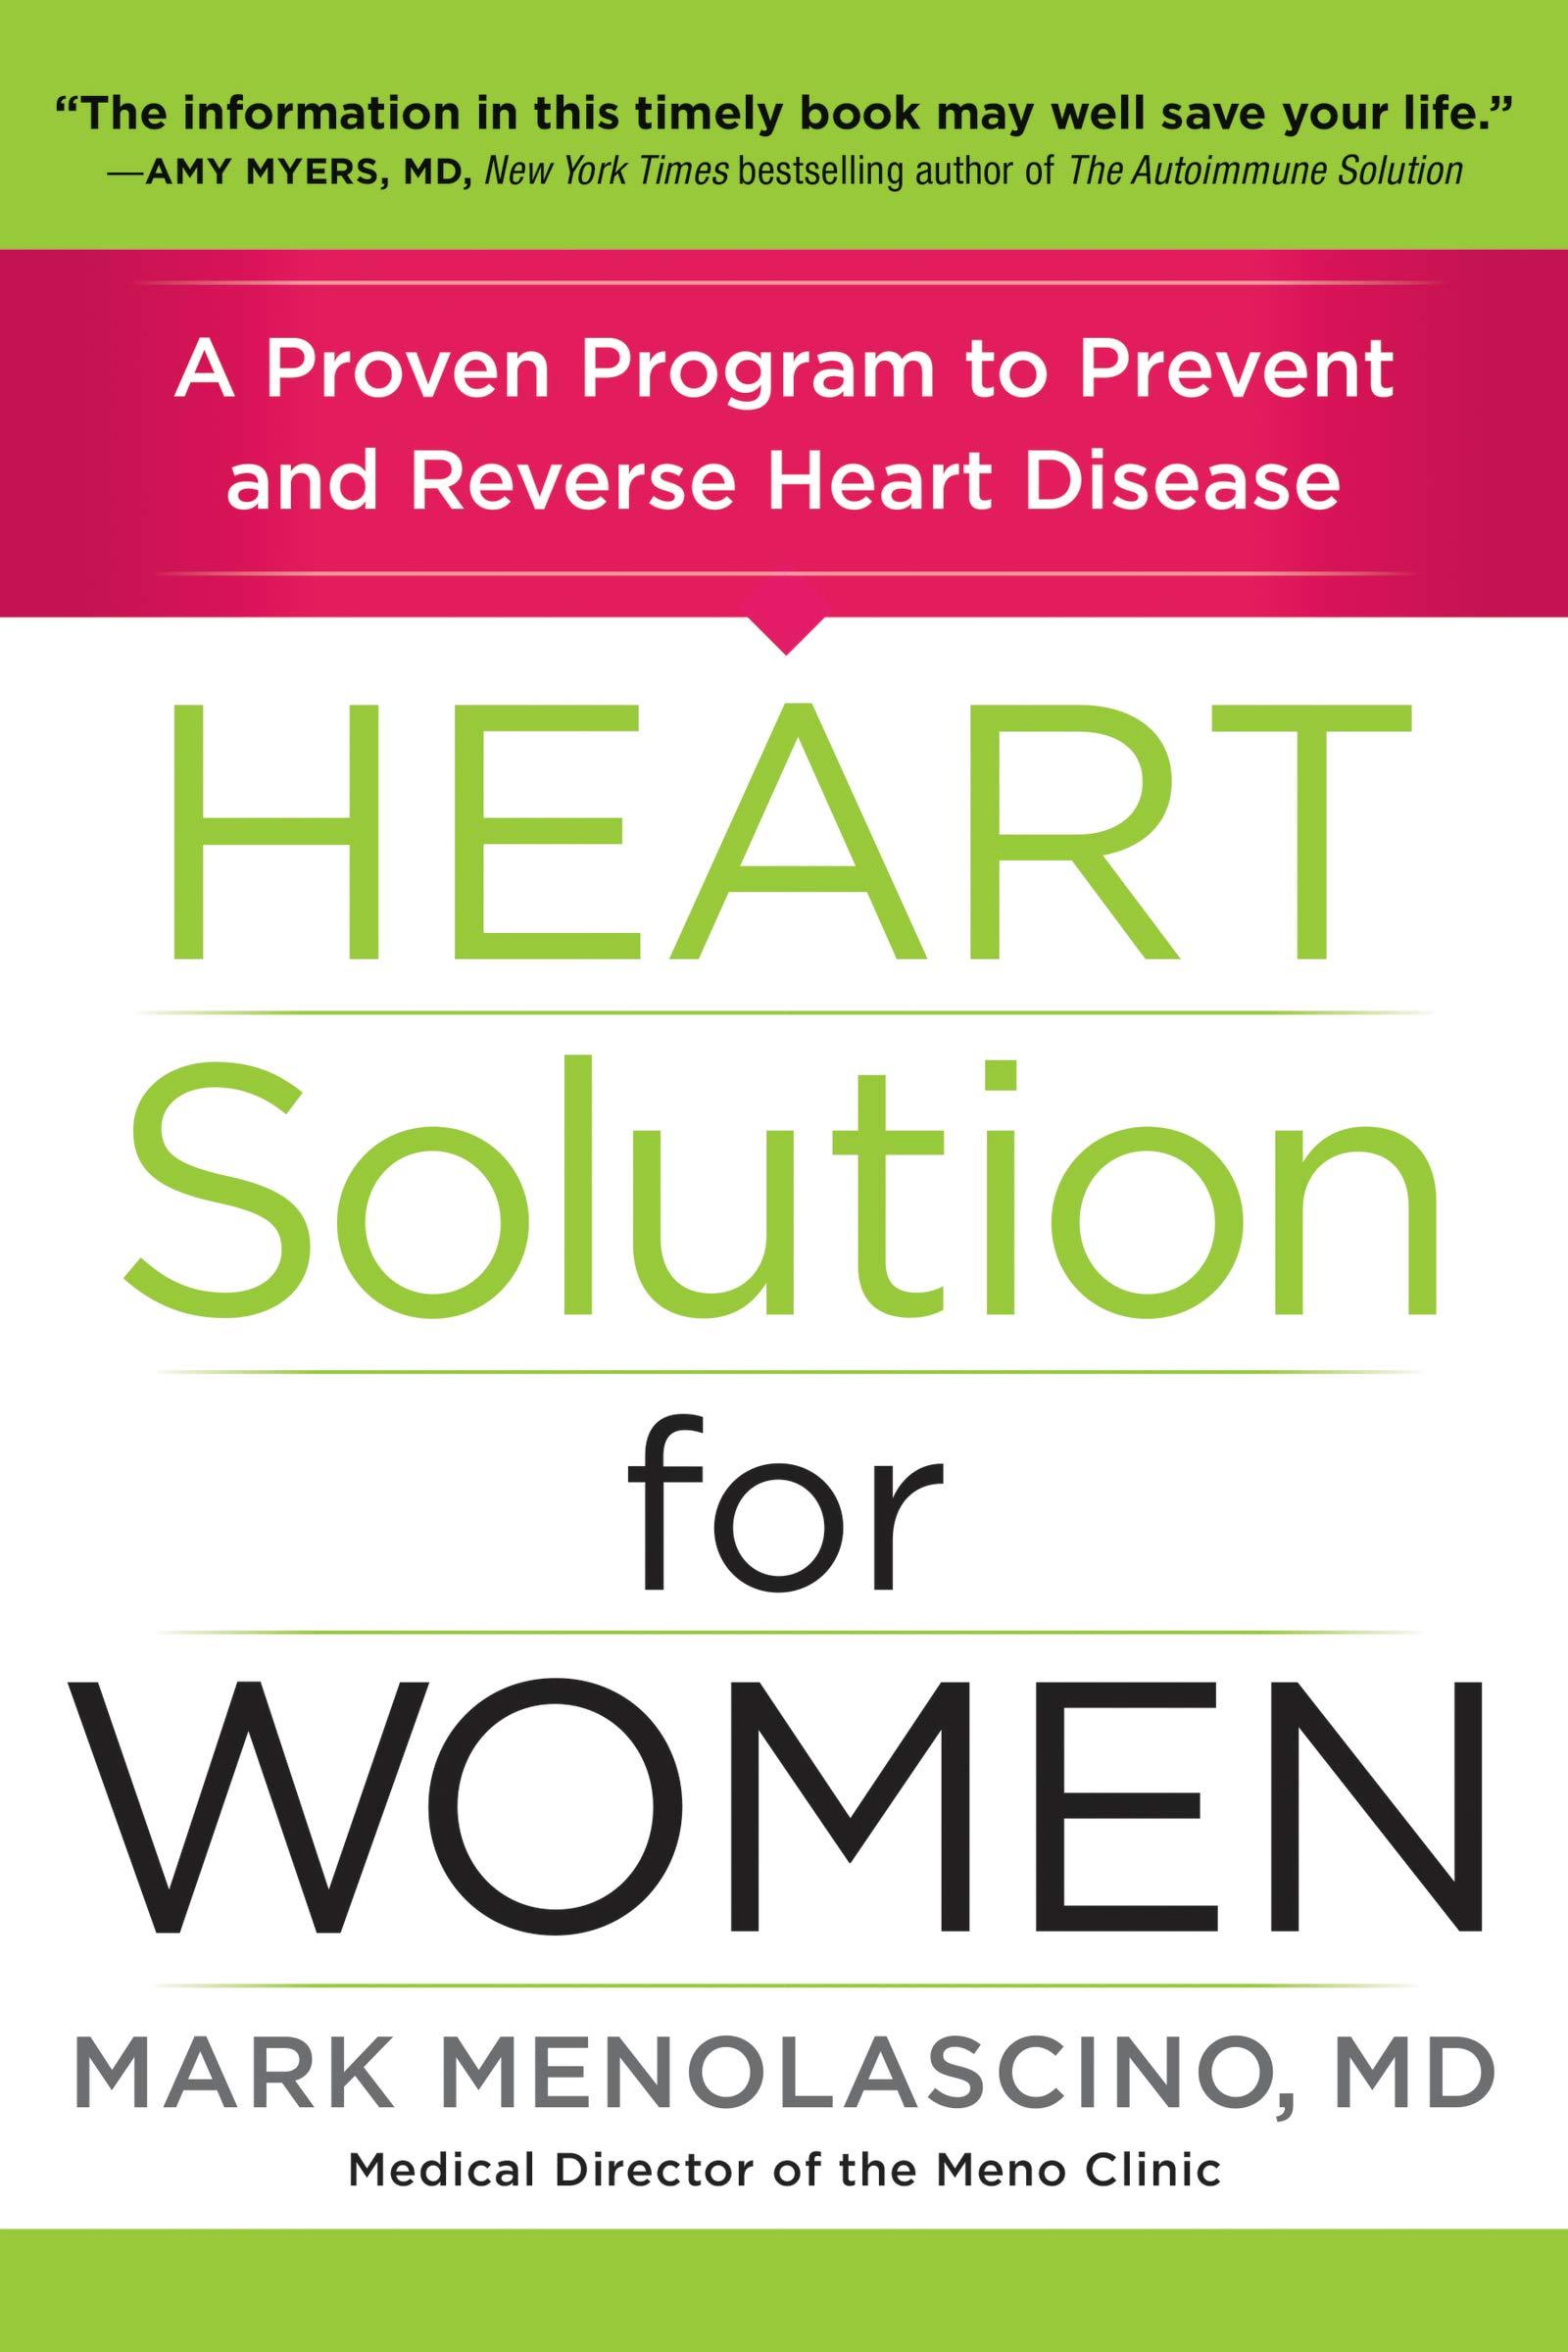 Heart Solution Women Program Prevent product image